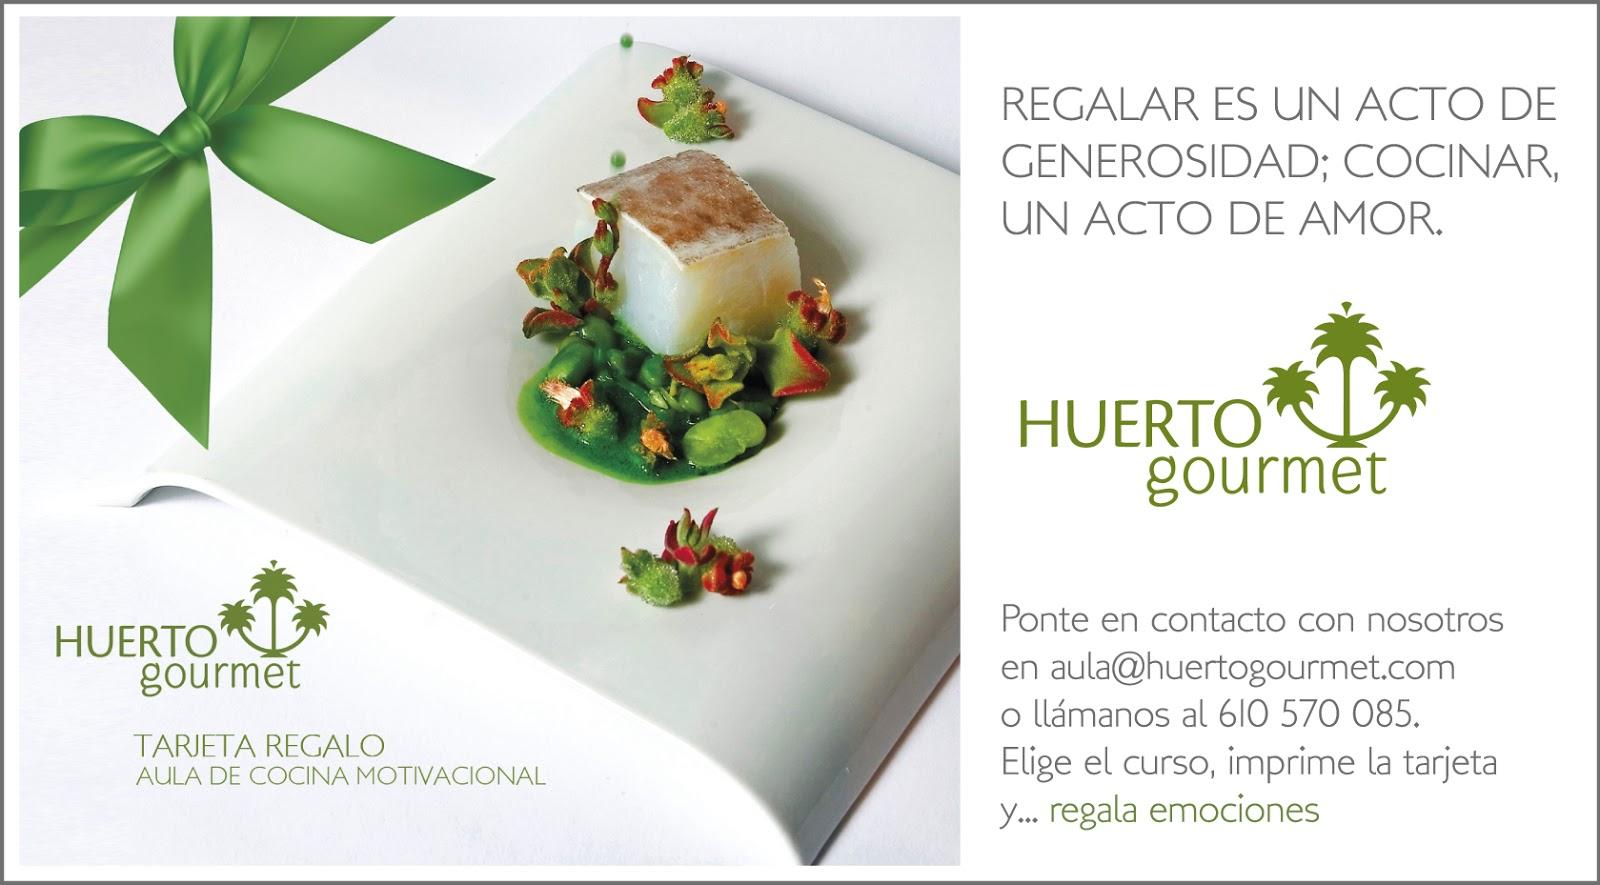 Blog huerto gourmet regala un curso de cocina motivacional for Cursos de cocina en alicante